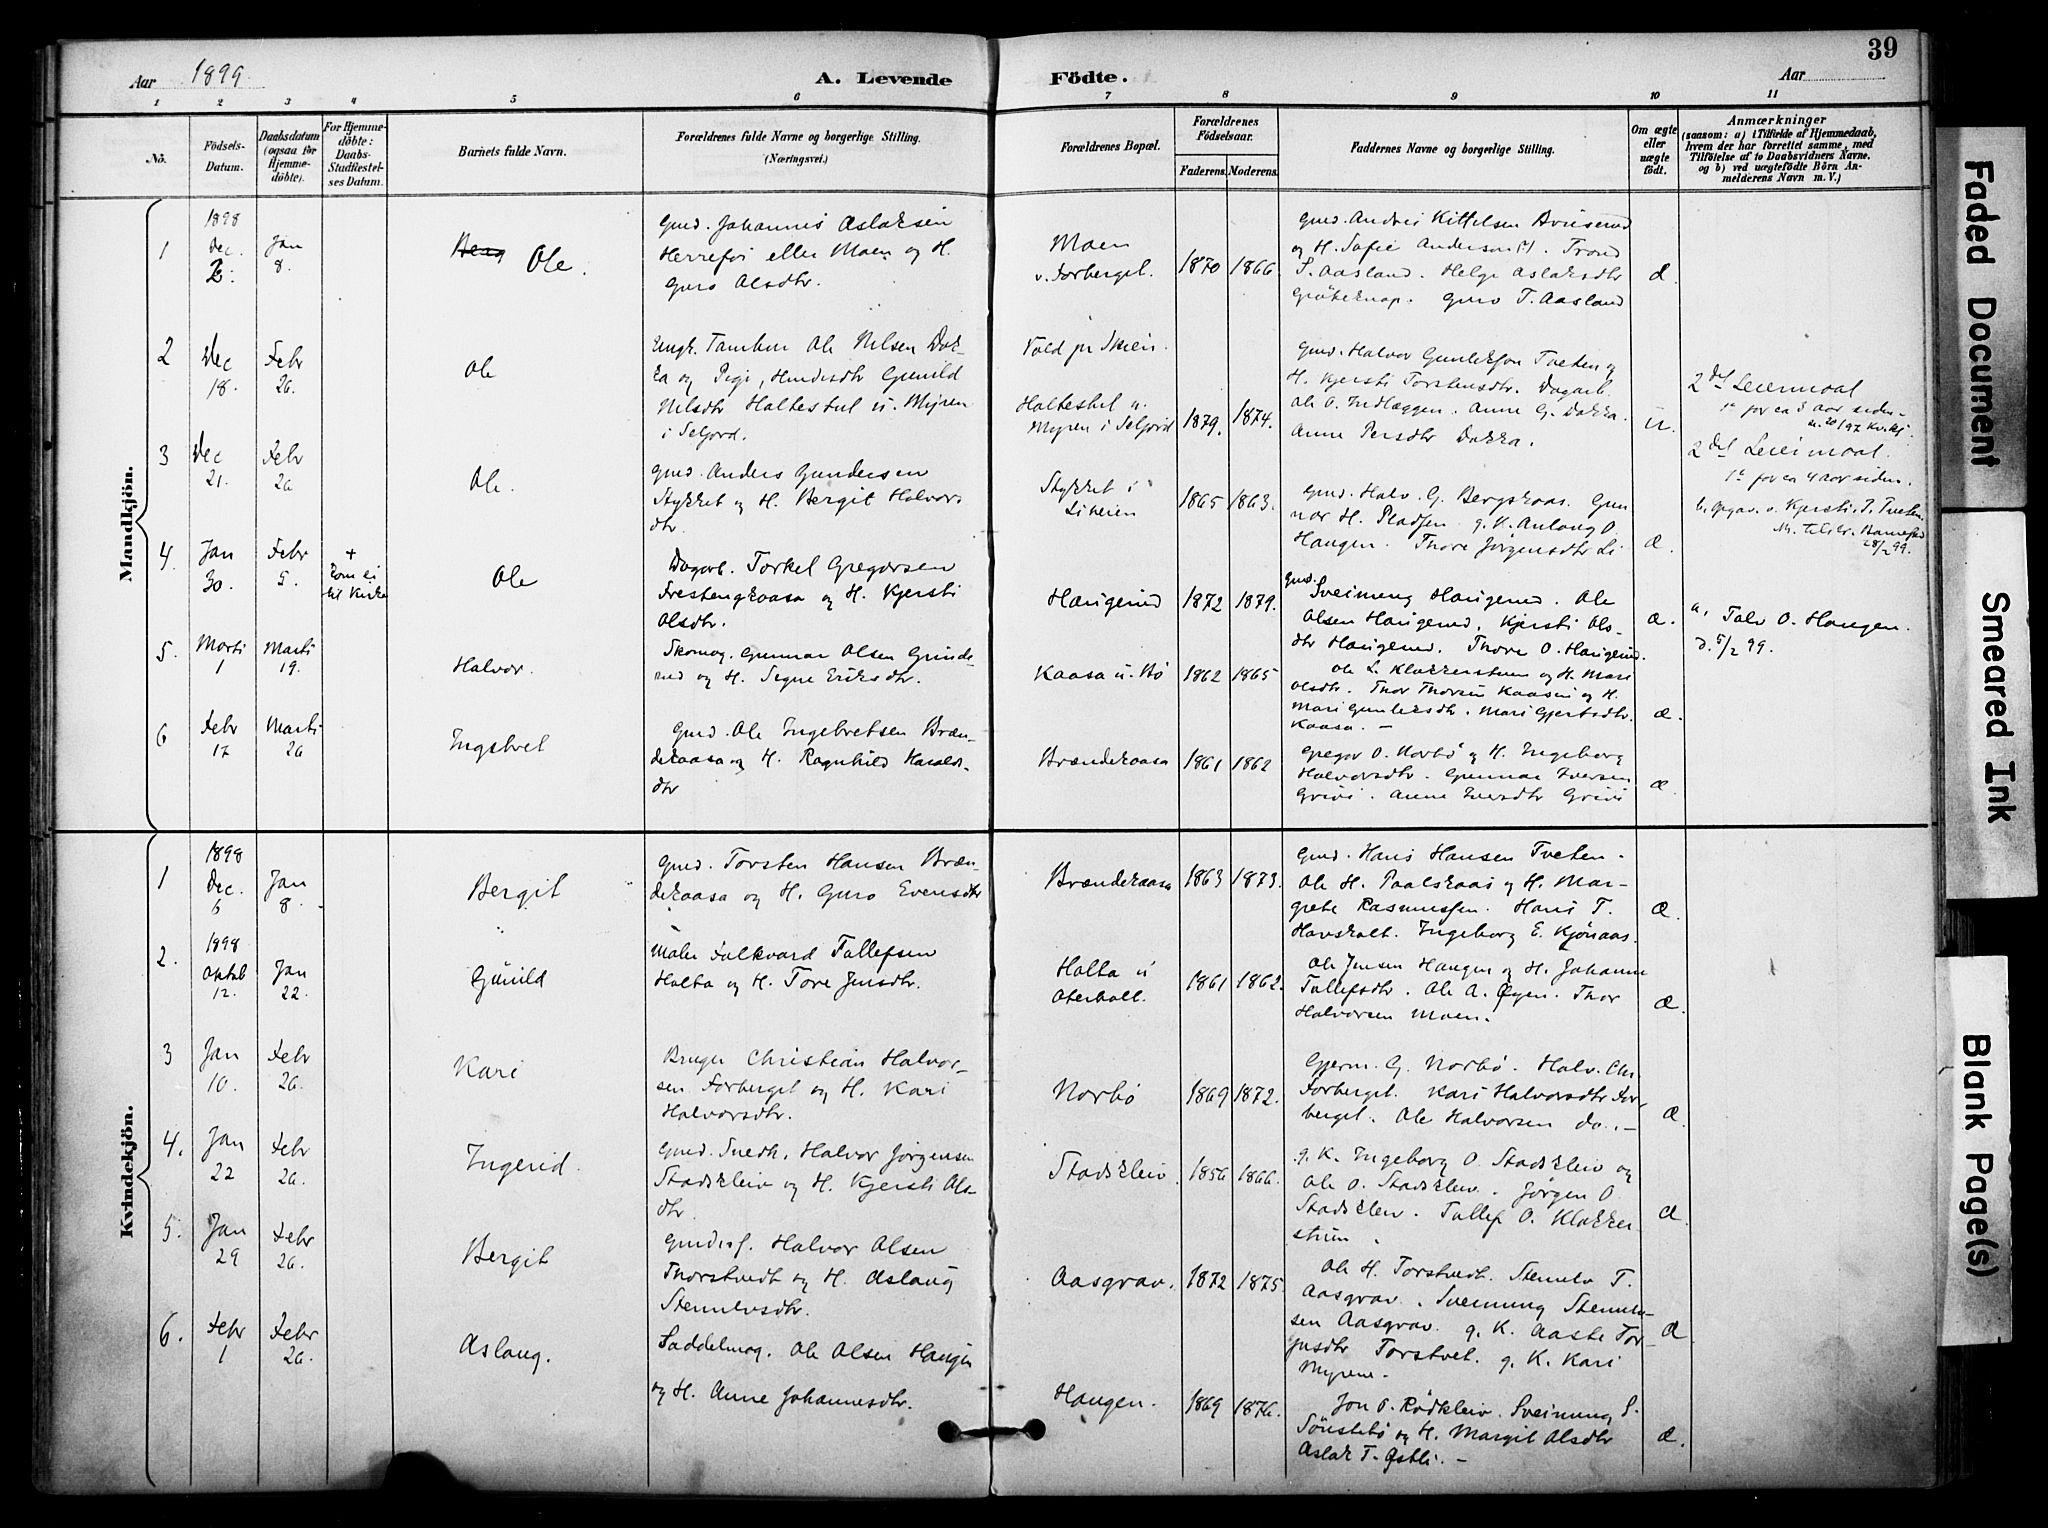 SAKO, Bø kirkebøker, F/Fa/L0011: Ministerialbok nr. 11, 1892-1900, s. 39